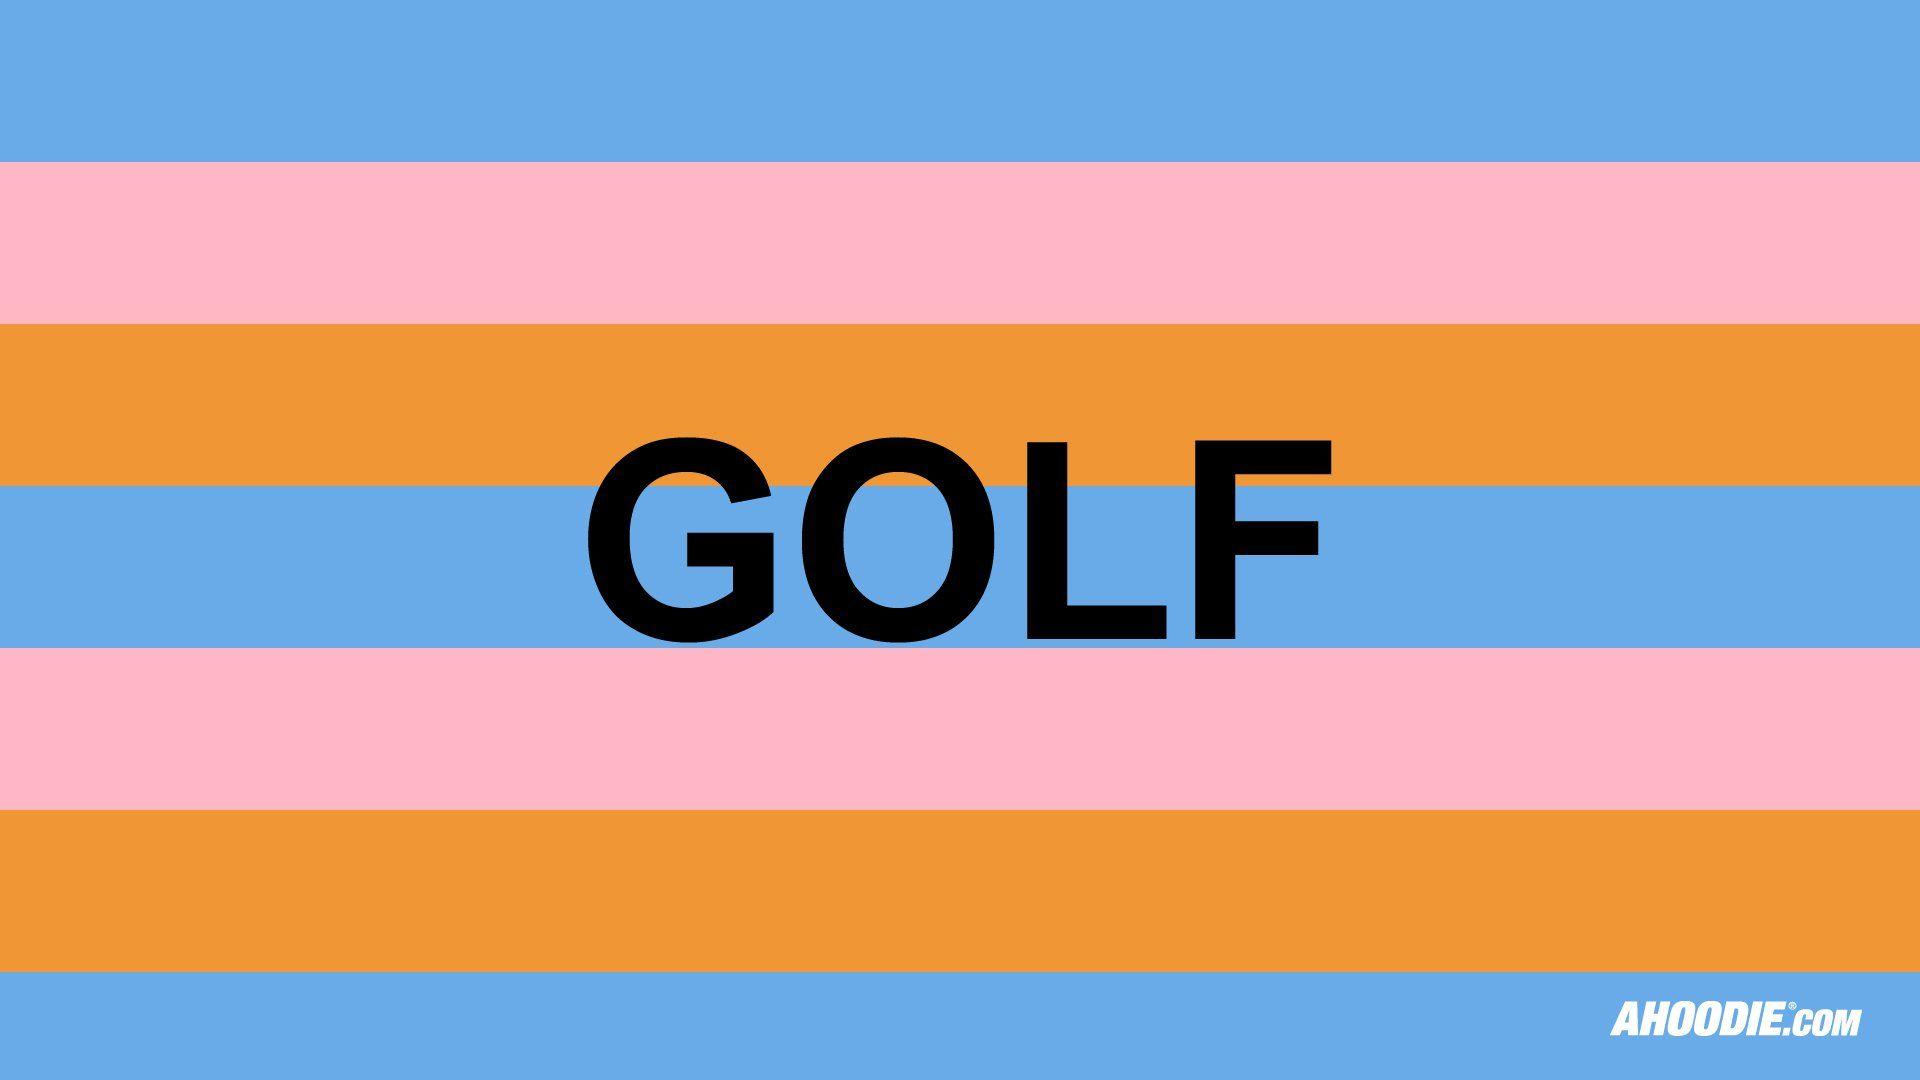 Golf Ahoodie Wallpapers   Top Golf Ahoodie Backgrounds 1920x1080